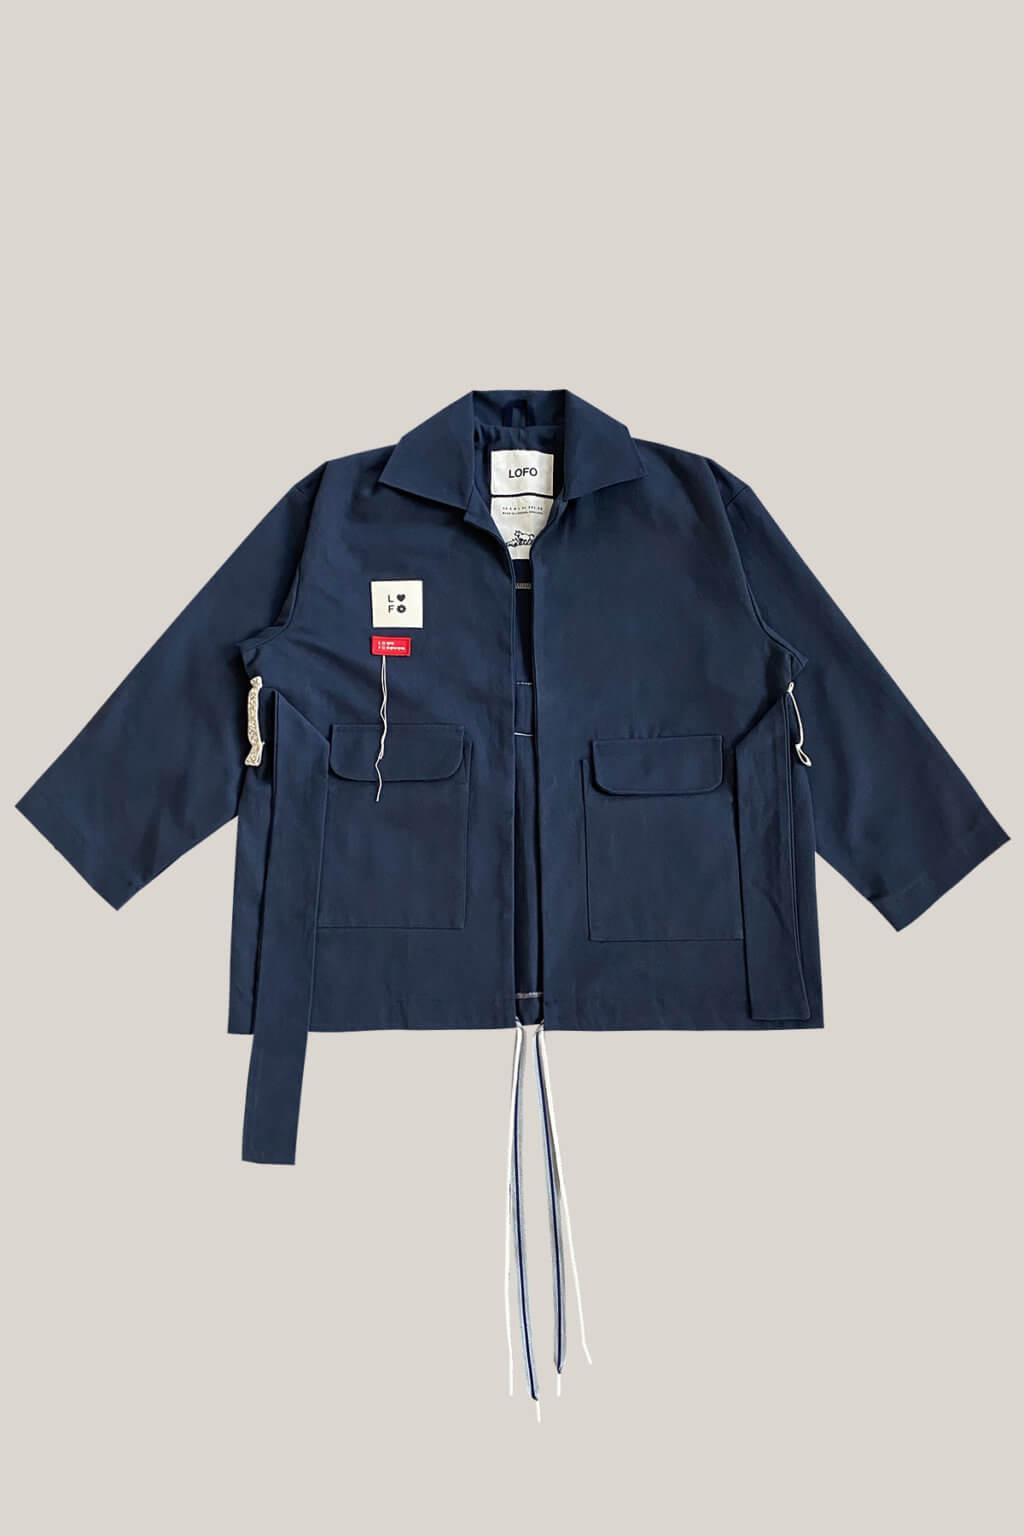 Jacket-N-4